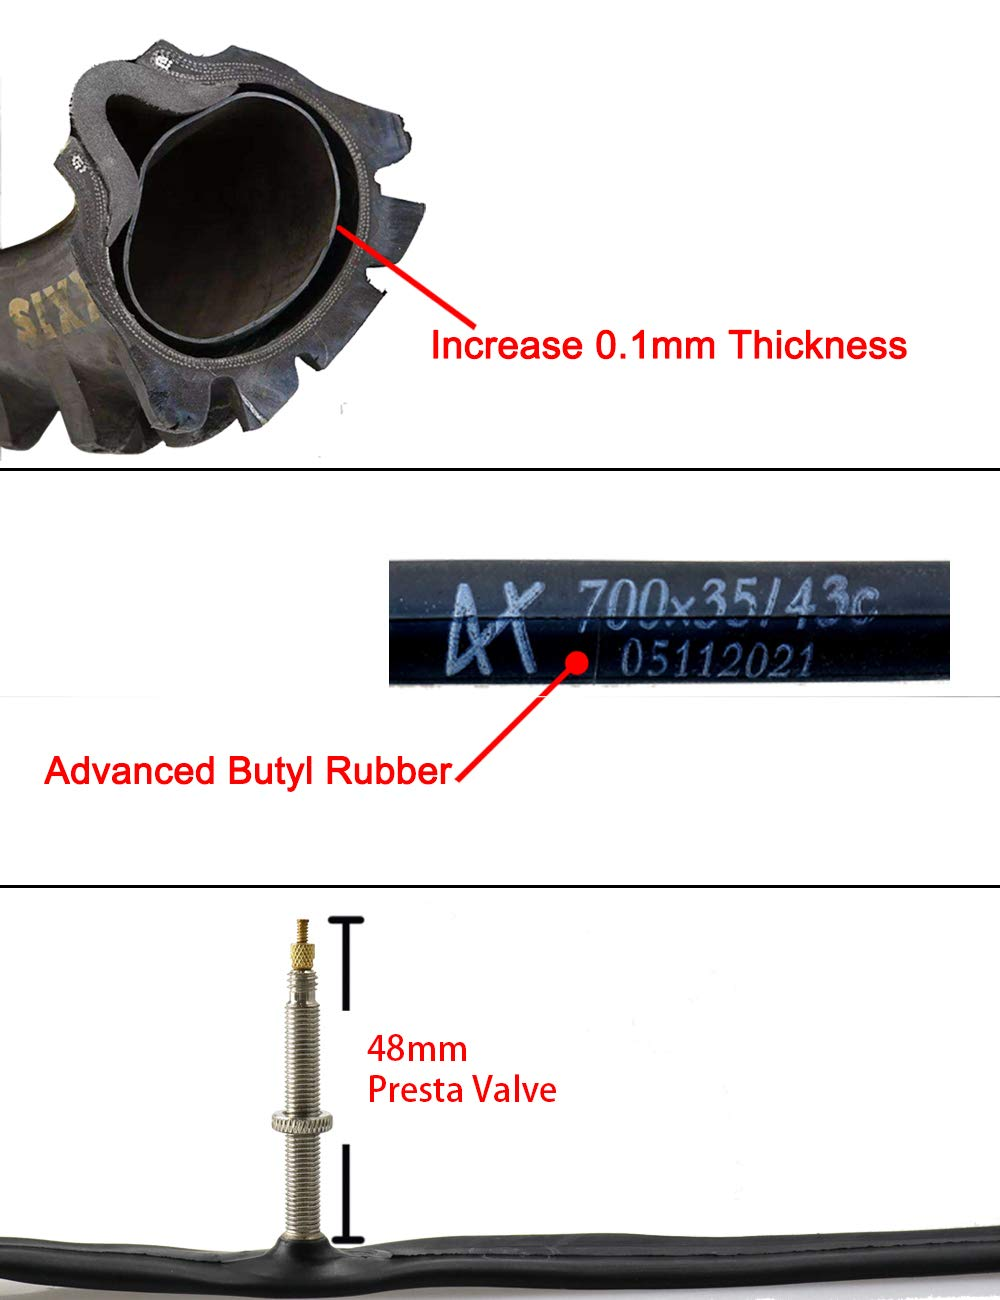 DMLNN 28 700x35-43C ロードバイク交換用インナーチューブ プレスタバルブ 48/60/80mm タイヤサイズ 700c x 35 38 40 43 (インナーチューブ6本とタイヤレバー2本付き)